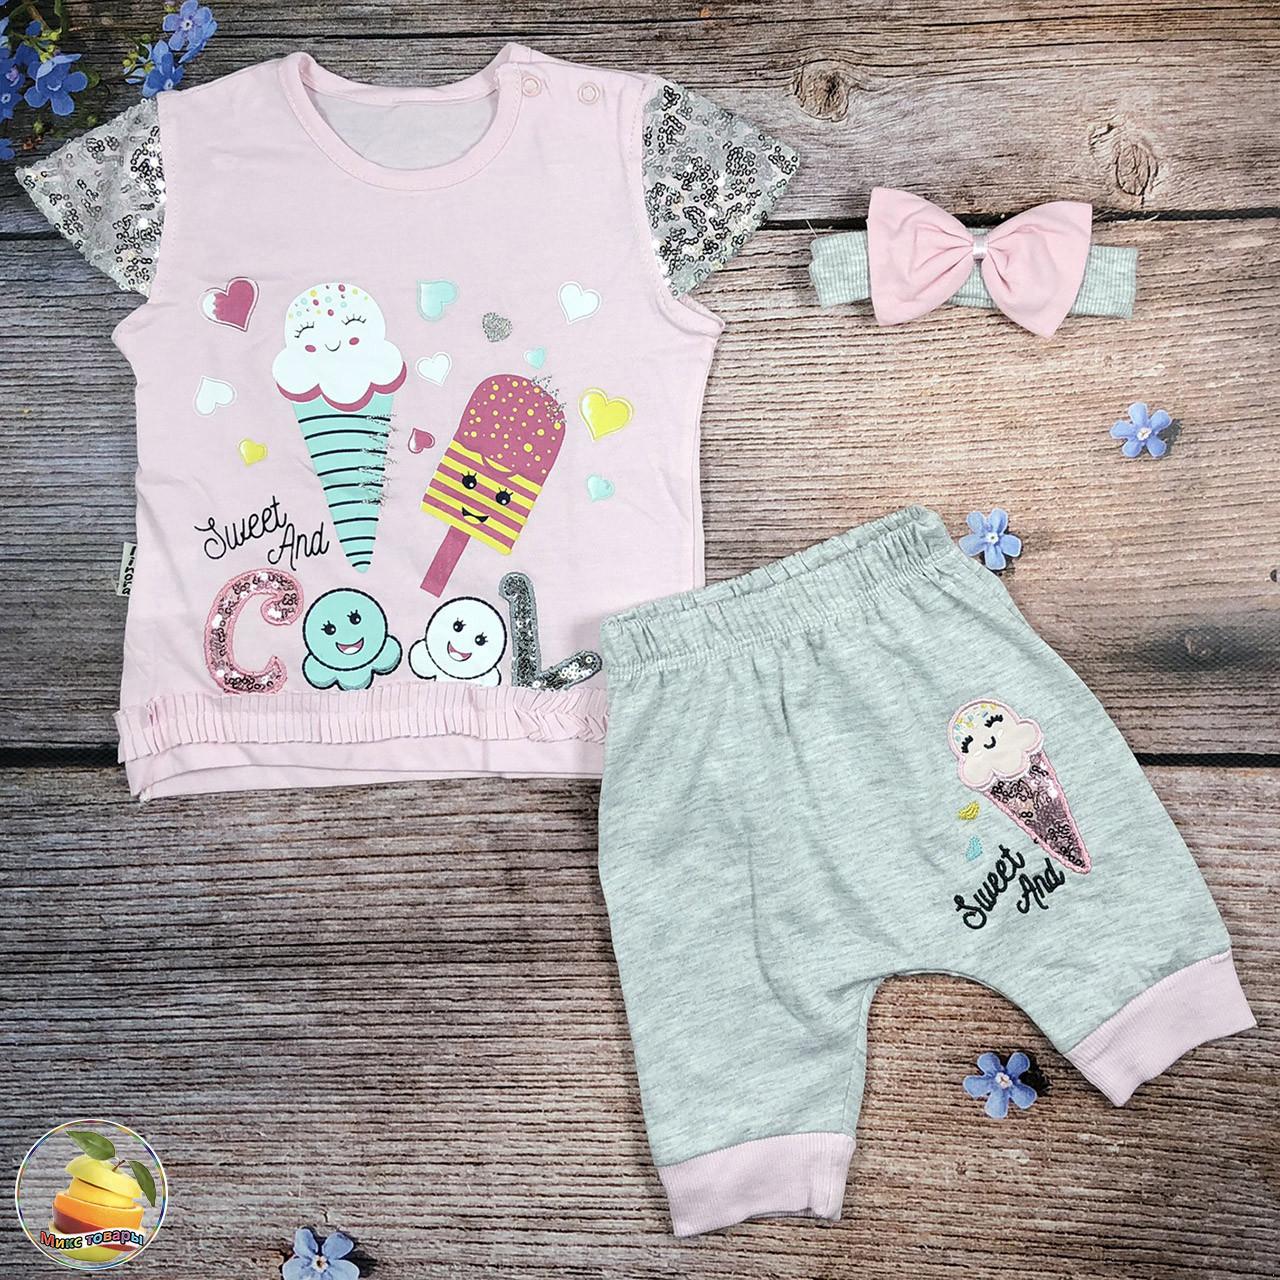 Летний костюм для маленькой девочки Размер: 74,80,86 см (20238)